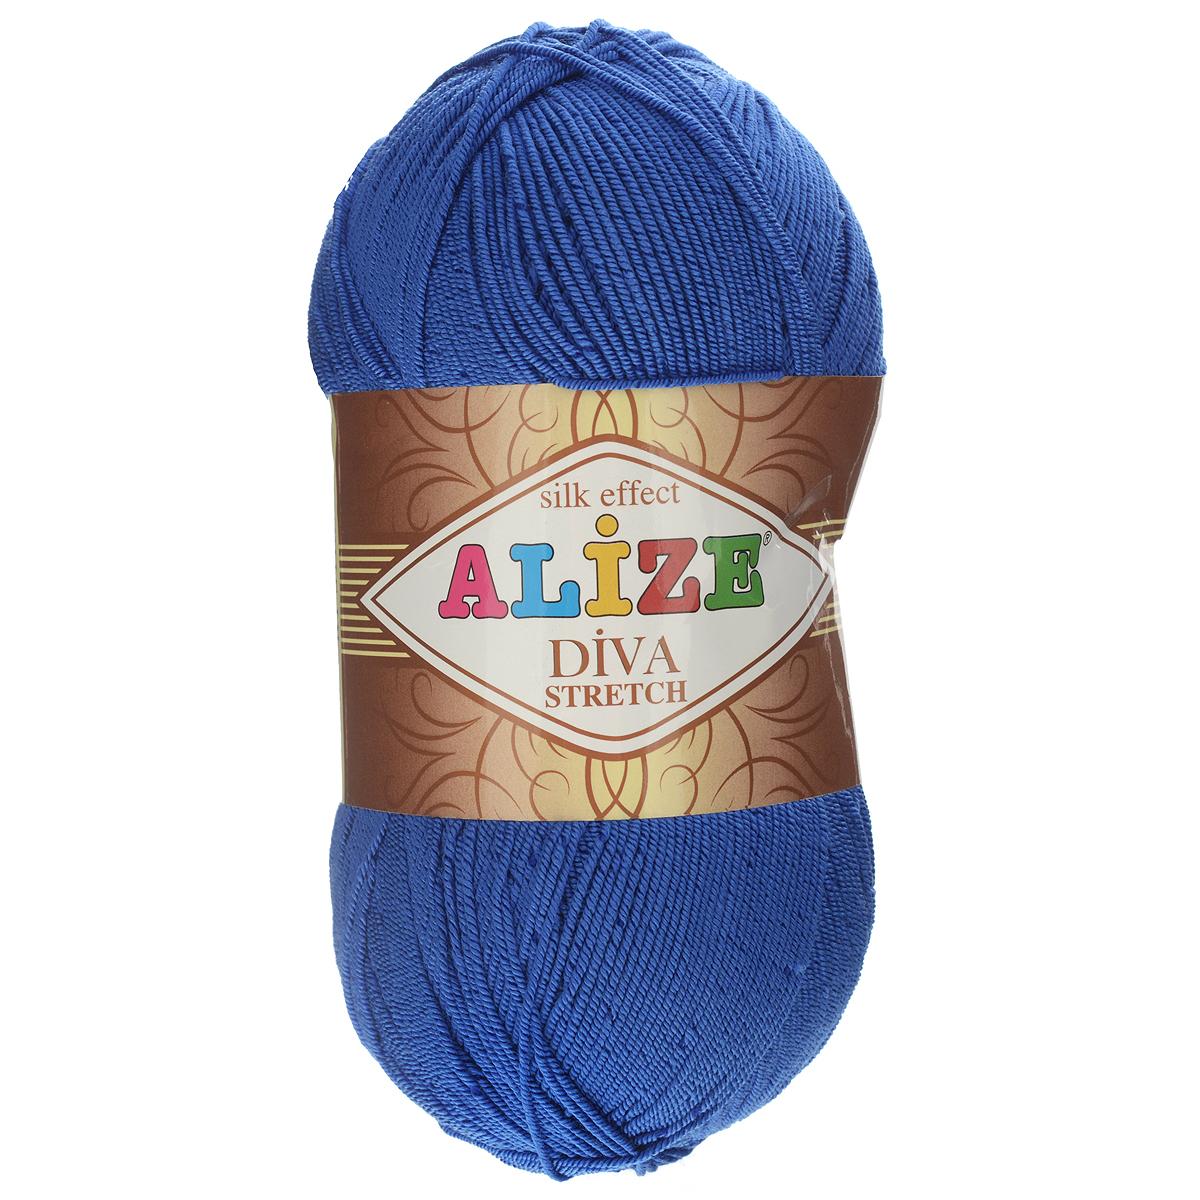 Пряжа для вязания Alize Diva Stretch, цвет: синий (132), 400 м, 100 г, 5 шт367021_132Легкая пряжа Alize Diva Stretch изготовлена из микрофибры с добавлением ПБТ эластика. Пряжа не выгорает на солнце и не линяет. Готовые изделия из этой пряжи быстро сохнут, после намокания практически не деформируются. Эластичная пряжа Diva Stretch обладает поистине уникальными характеристиками. Она мягкая, тонкая и в то же время прочная, она легко ложится в приятное на ощупь, упругое, тянущееся, но сохраняющее свою форму полотно и отлично смотрится в узорах. Изделия, связанные из этой пряжи, прекрасно держат форму и не растягиваются. Пряжа стрейч. Готовое изделие из пряжи Alize Diva Stretch после первой стирки слегка садится. Поэтому, перед тем, как начать работать с этой нитью, рекомендуется связать образец, постирать и высушить его, выяснить степень усадки и только потом, с учетом этих данных, делать расчет петель. Рекомендованные спицы № 2-3,5, крючок № 1-3. Состав: 92% микрофибра (акрил), 8% ПБТ эластик.